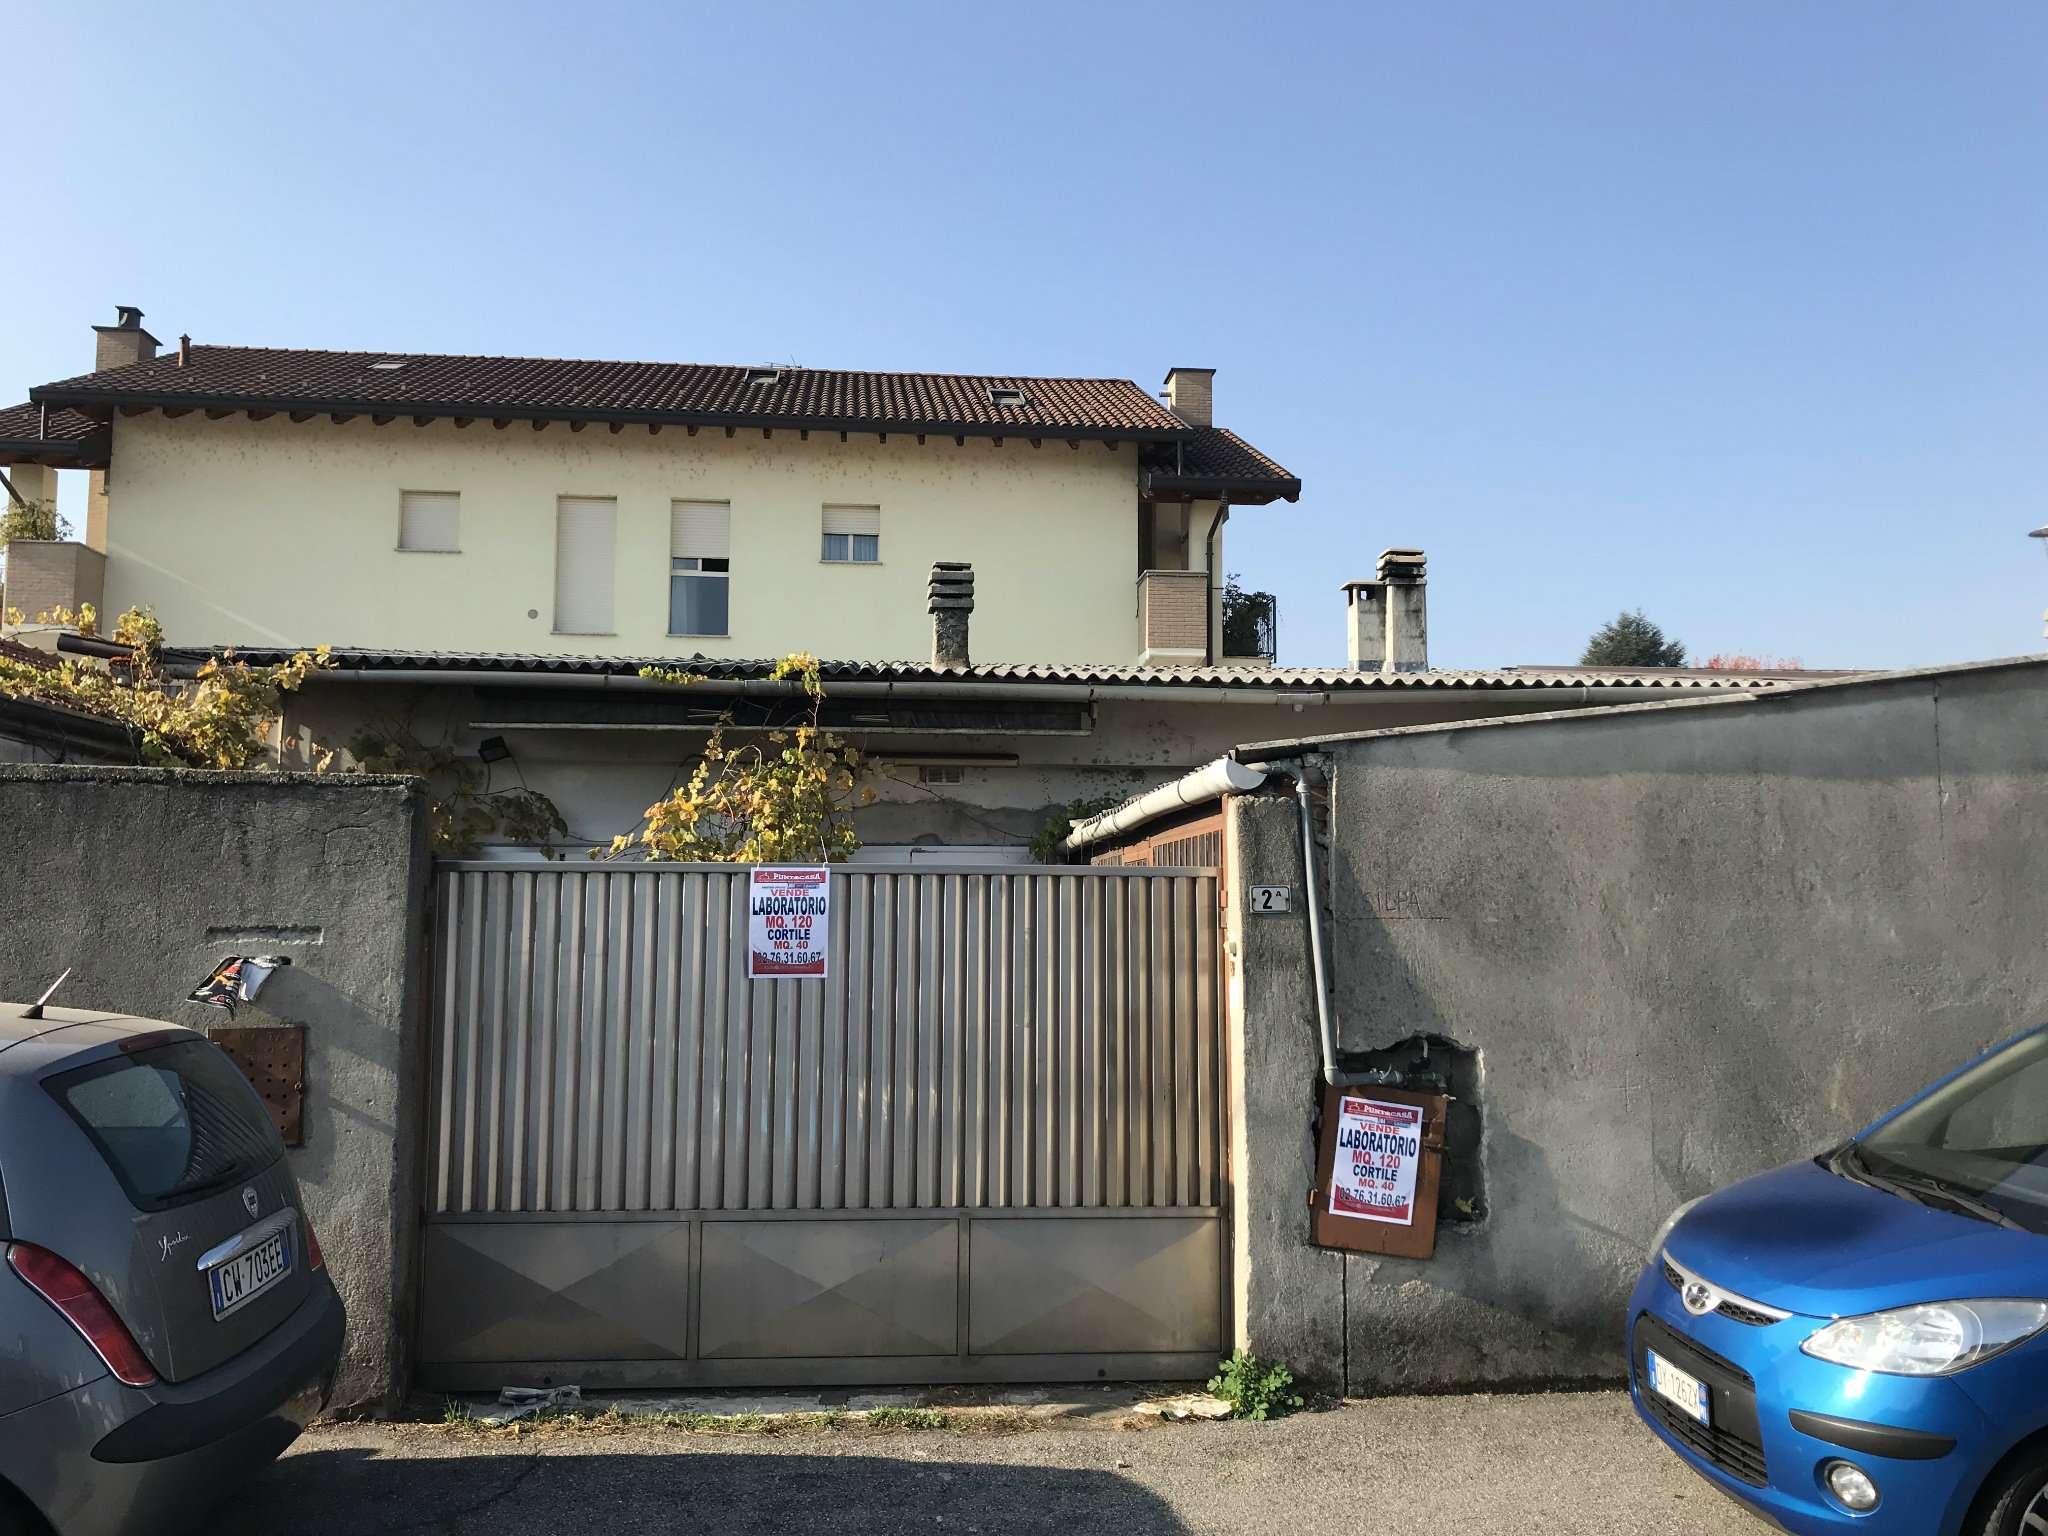 Laboratorio in vendita a Castano Primo, 4 locali, prezzo € 55.000 | CambioCasa.it